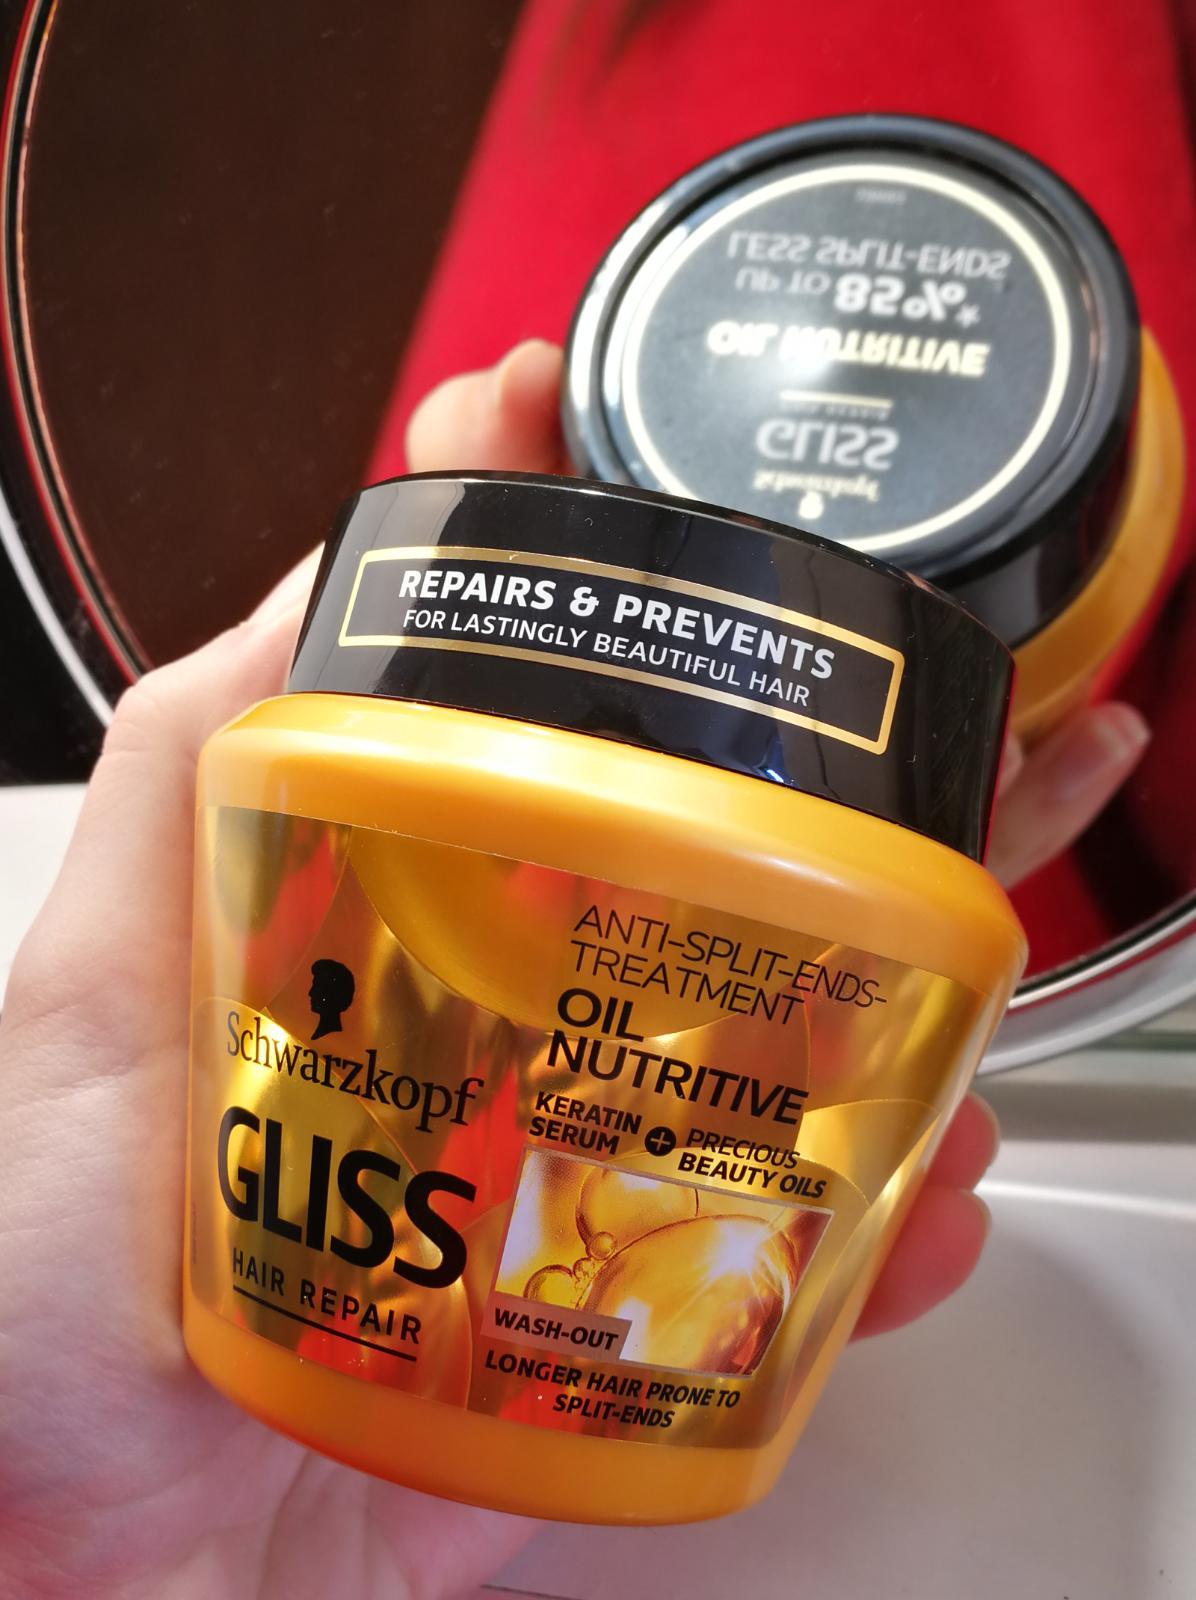 Schwarzkopf maska za kosu recenzija: Schwarzkopf Gliss Oil Nutritive recenzija